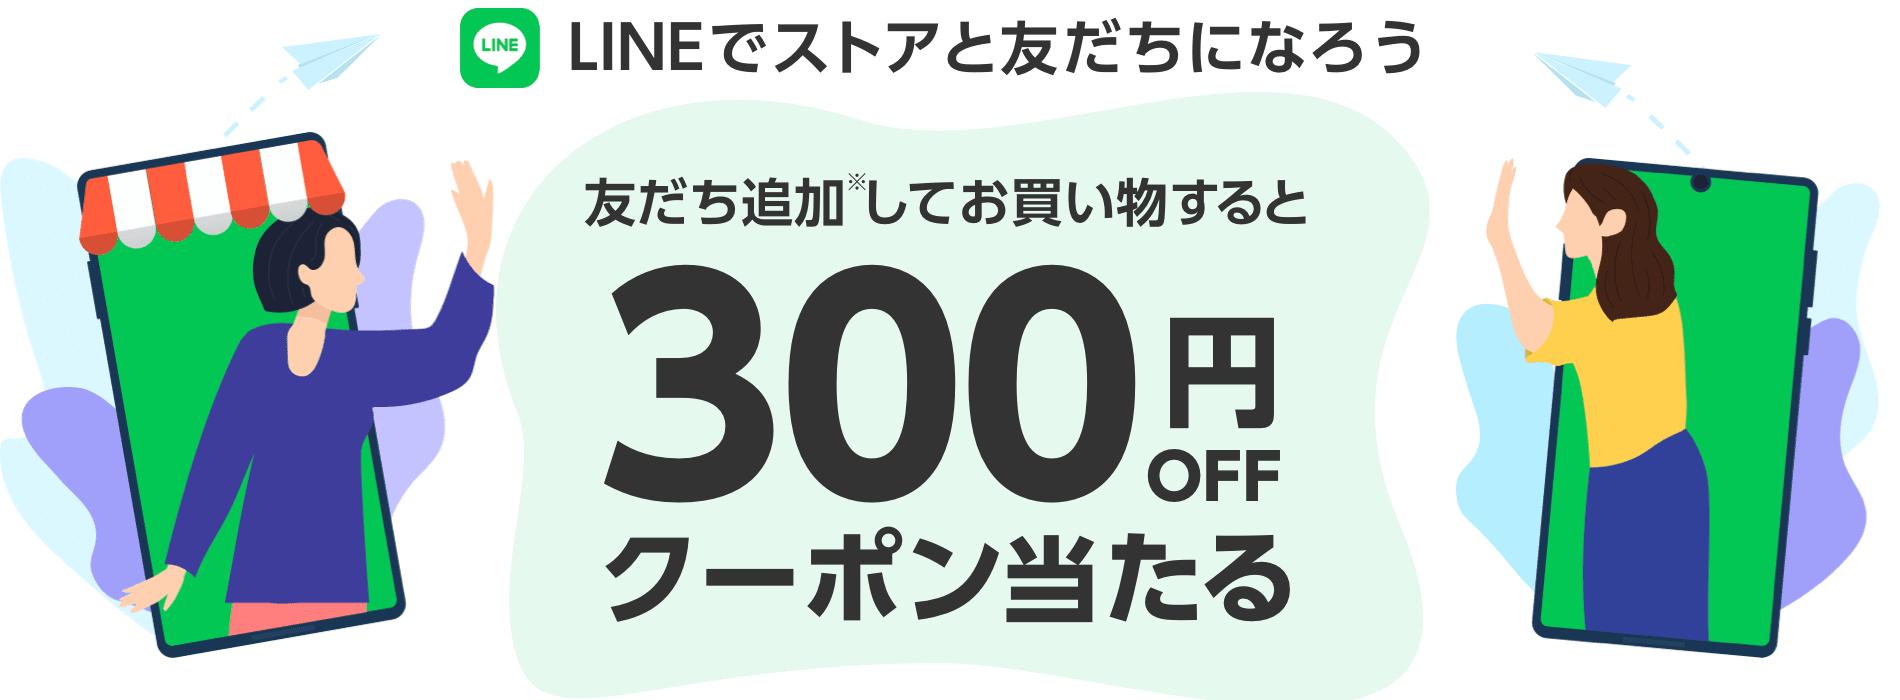 LINEでストアと友だちになろう!友だち登録してお買い物すると300円クーポンが当たる!